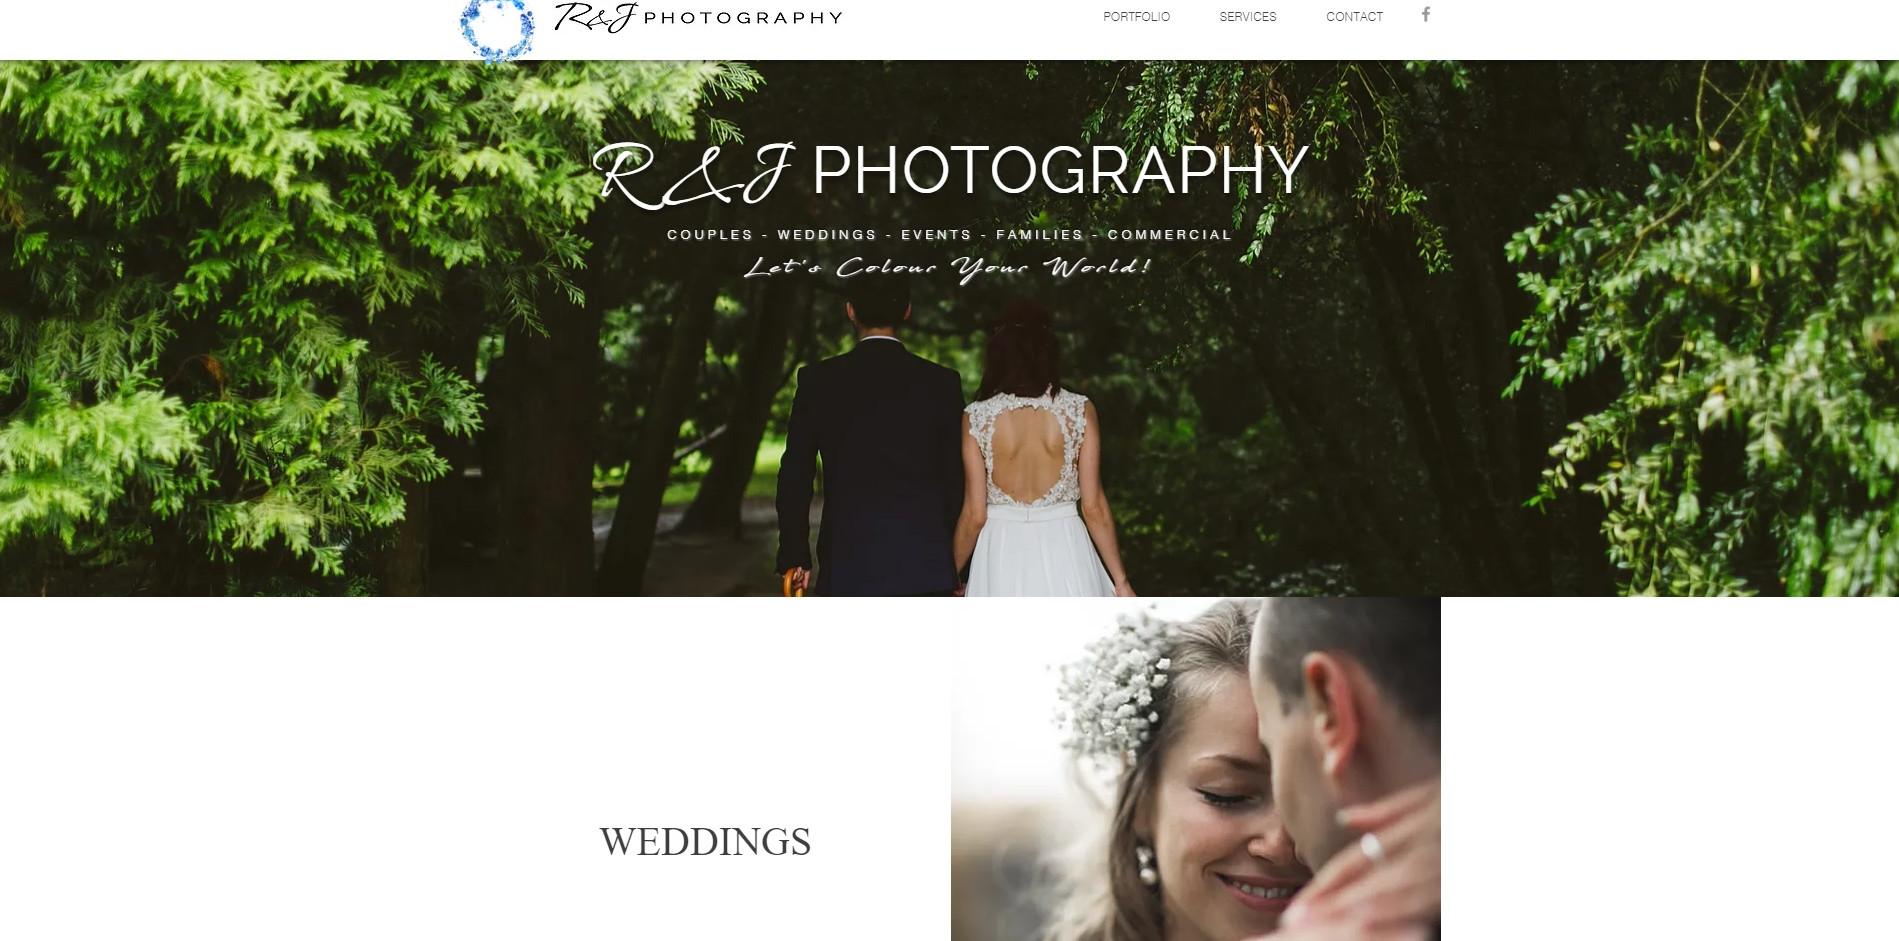 www.randjphotography.ca